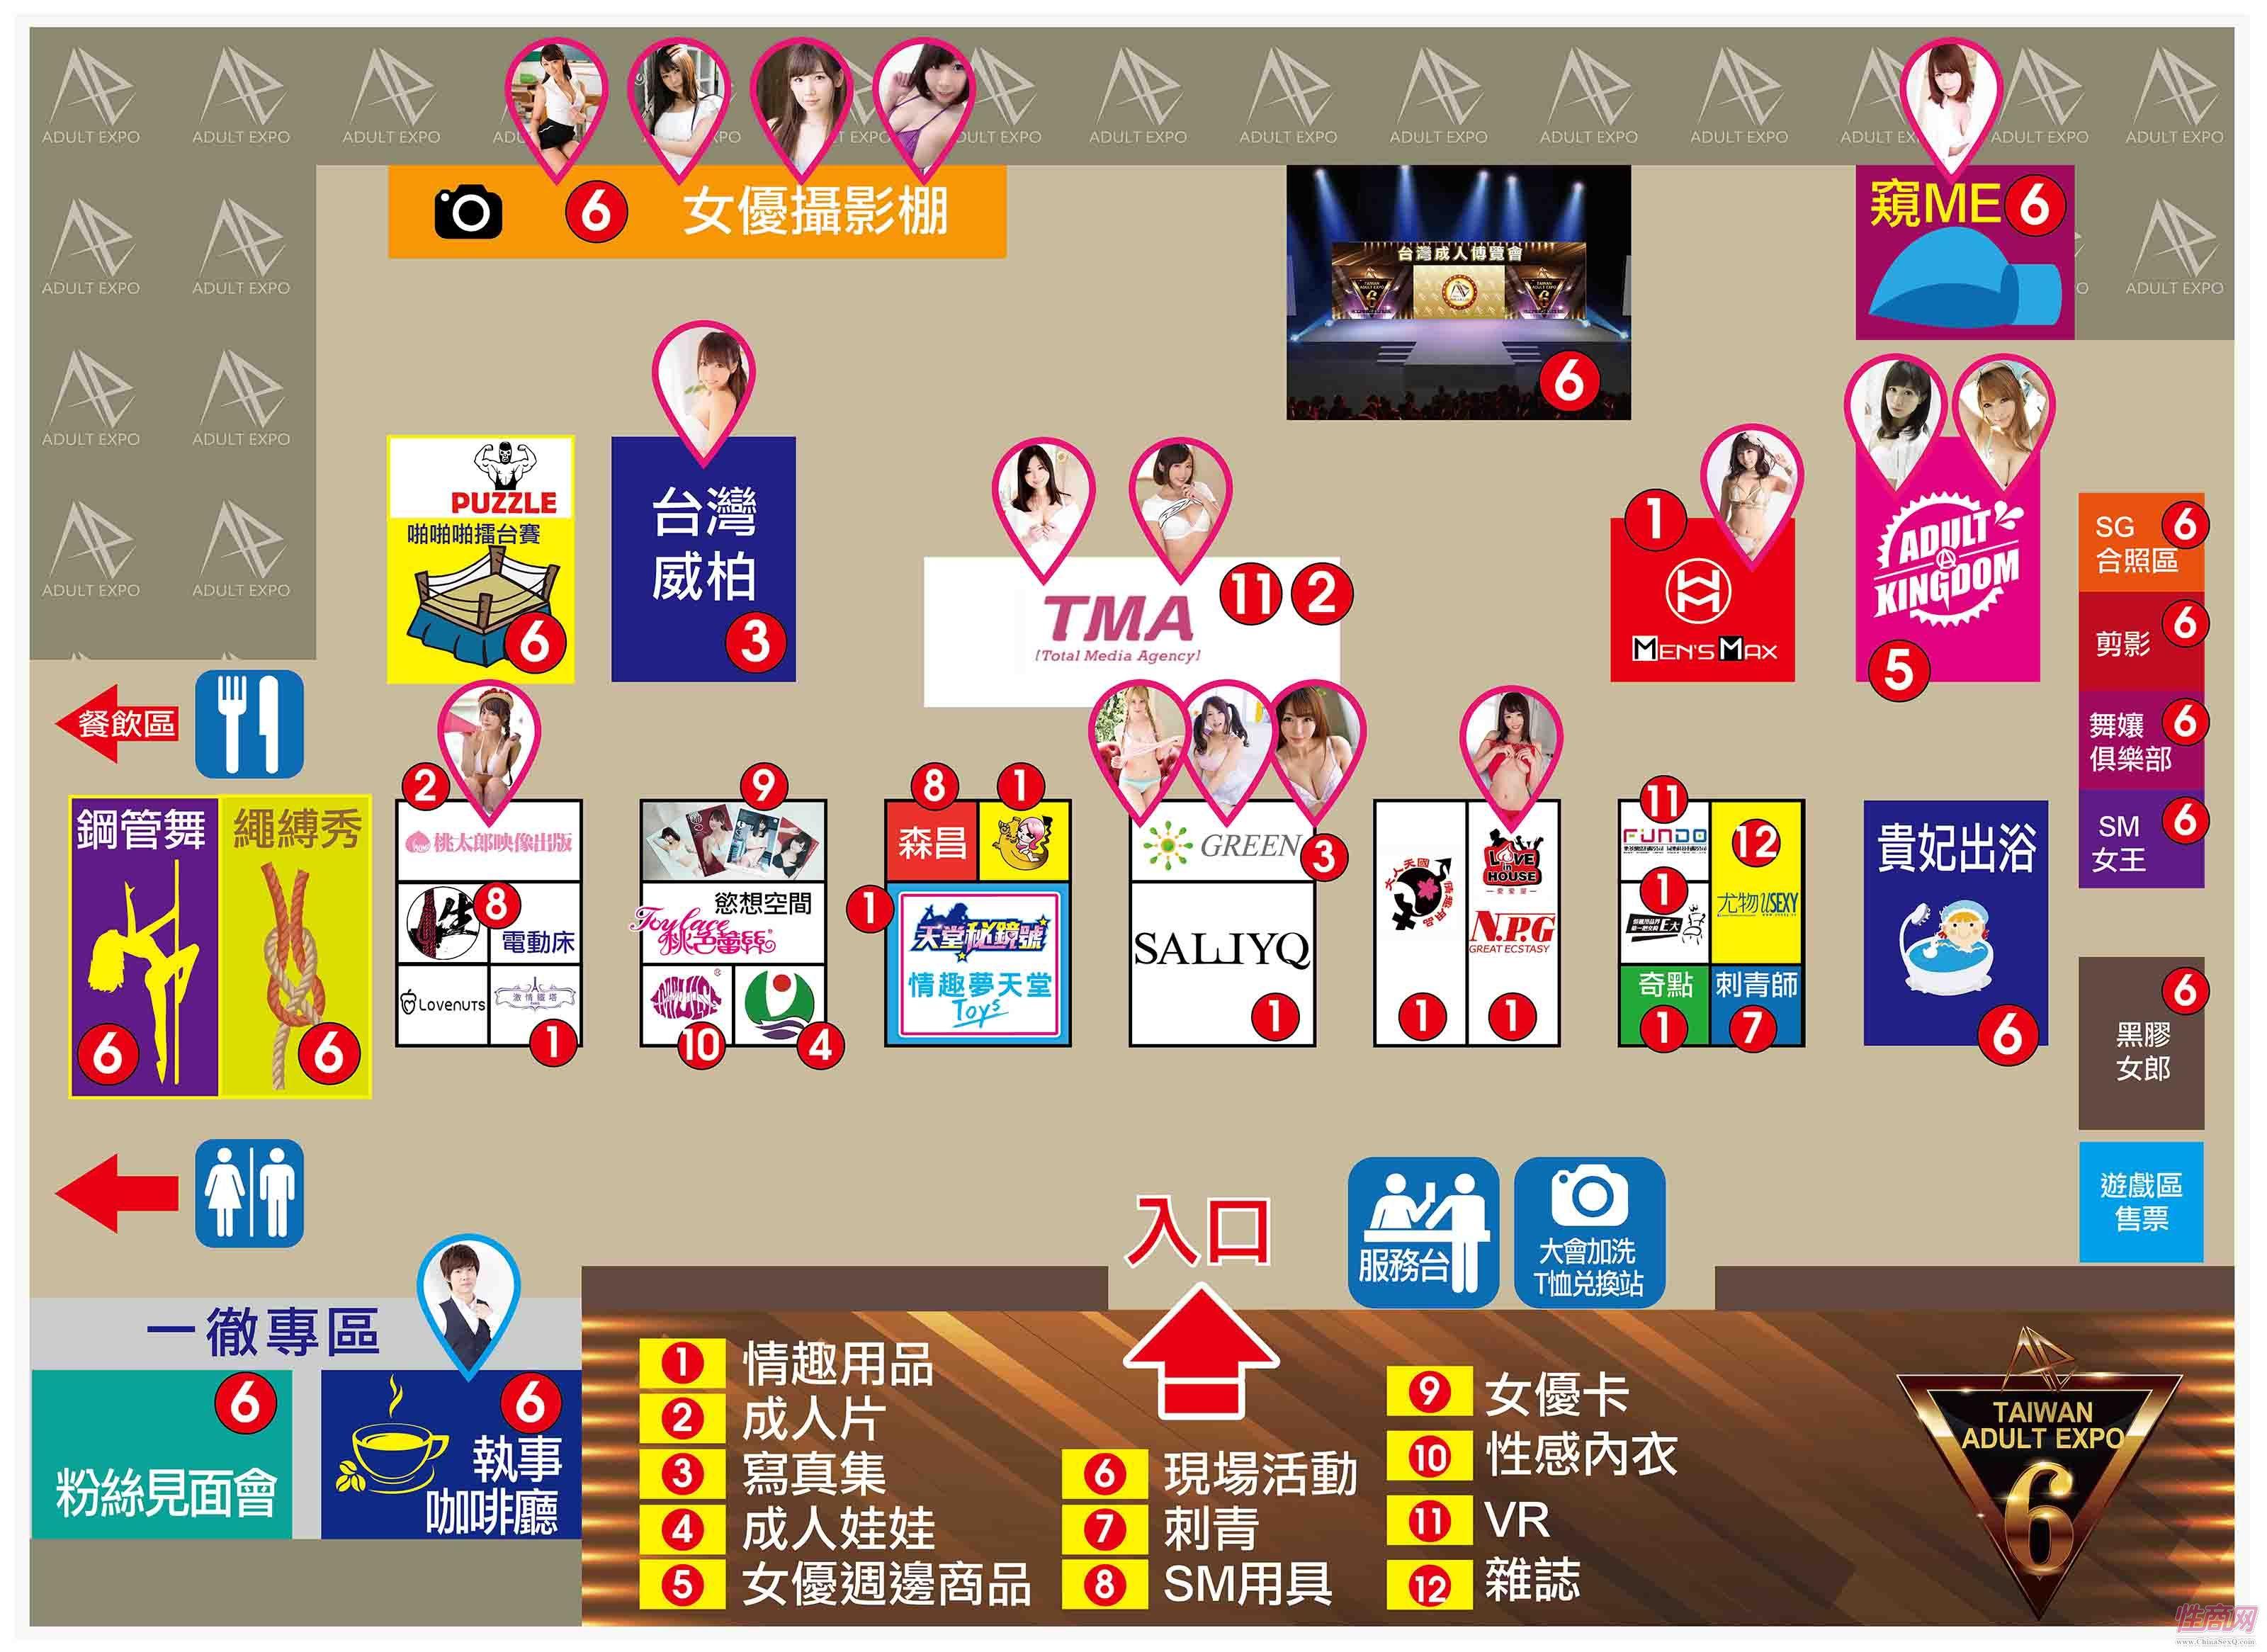 2017台湾成人博览展位图